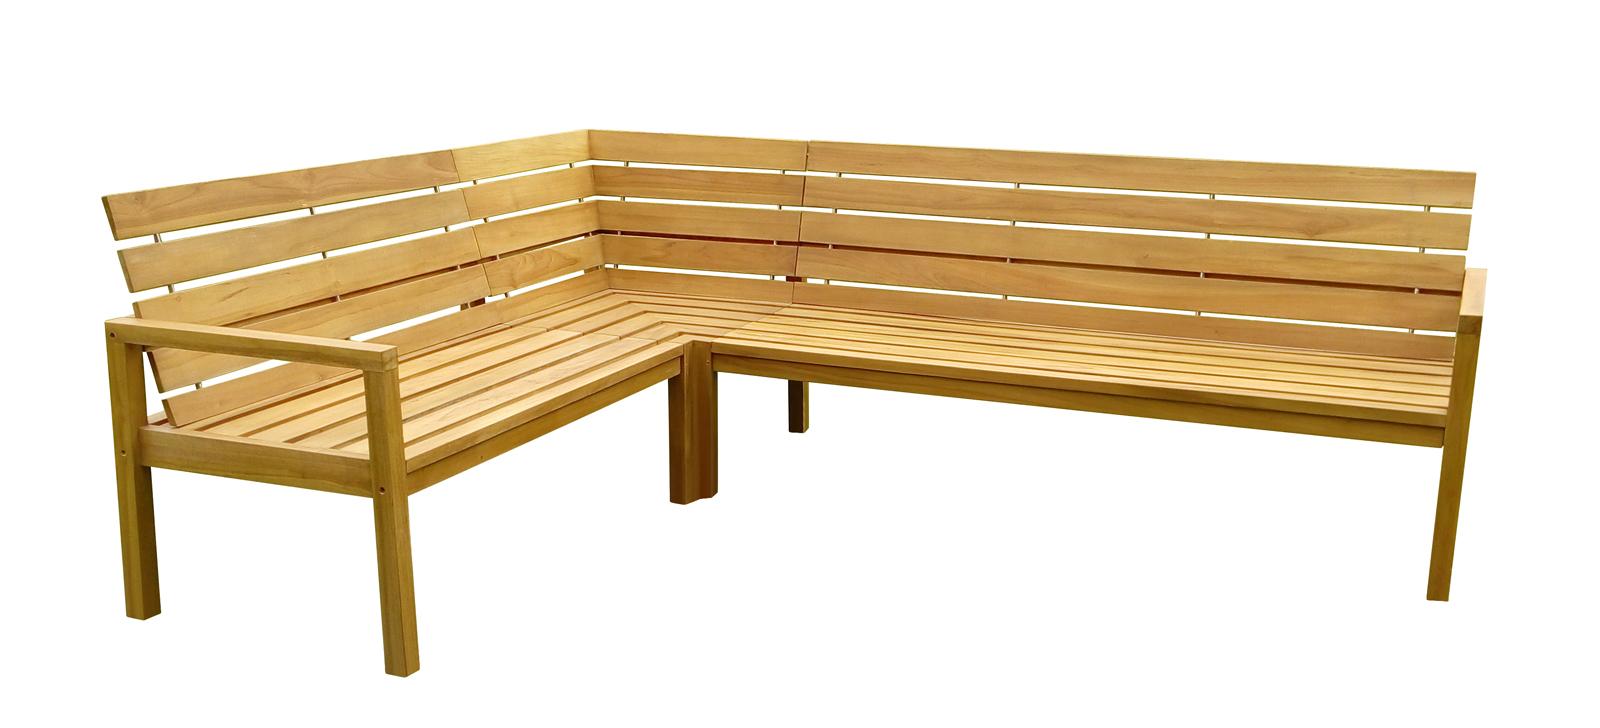 sam gartenbank eckbank teakholz 190 x 250 cm michel. Black Bedroom Furniture Sets. Home Design Ideas